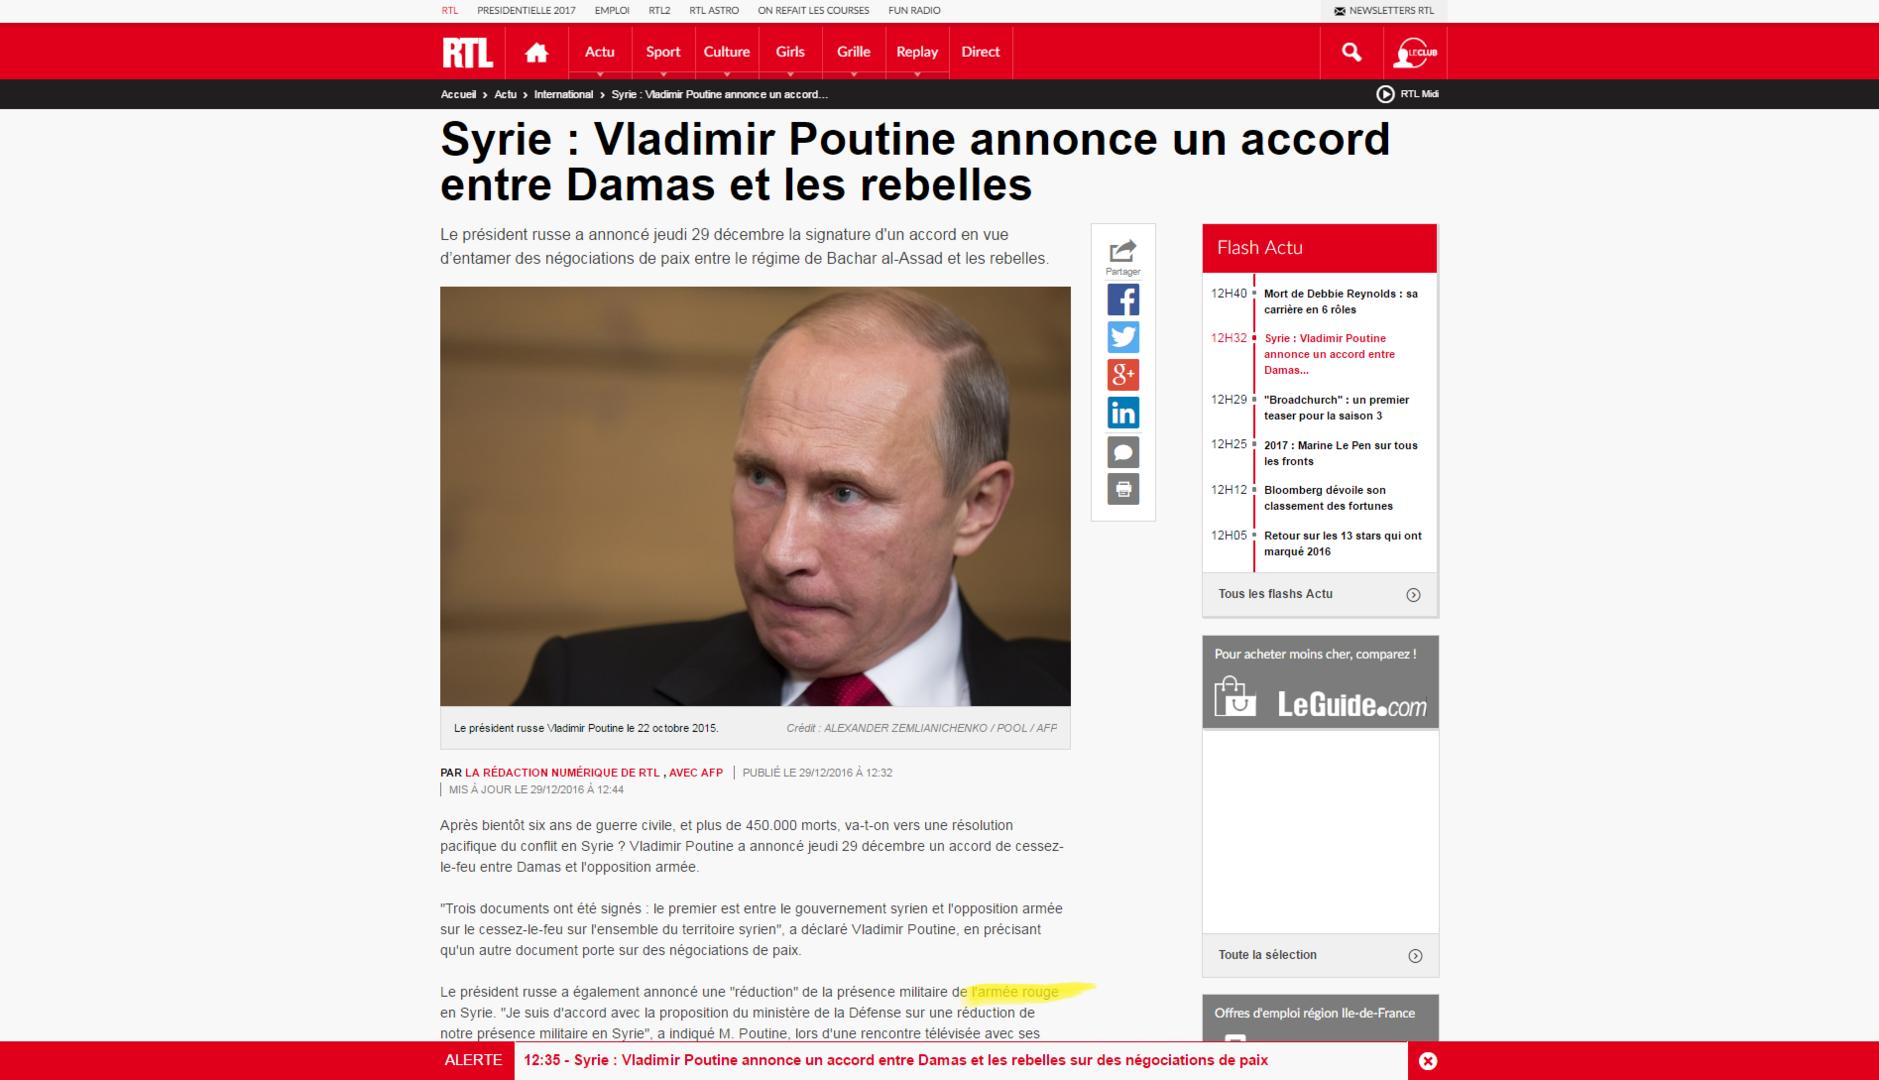 Nostalgie ? RTL évoque la présence militaire de l'«armée rouge» de Poutine en Syrie